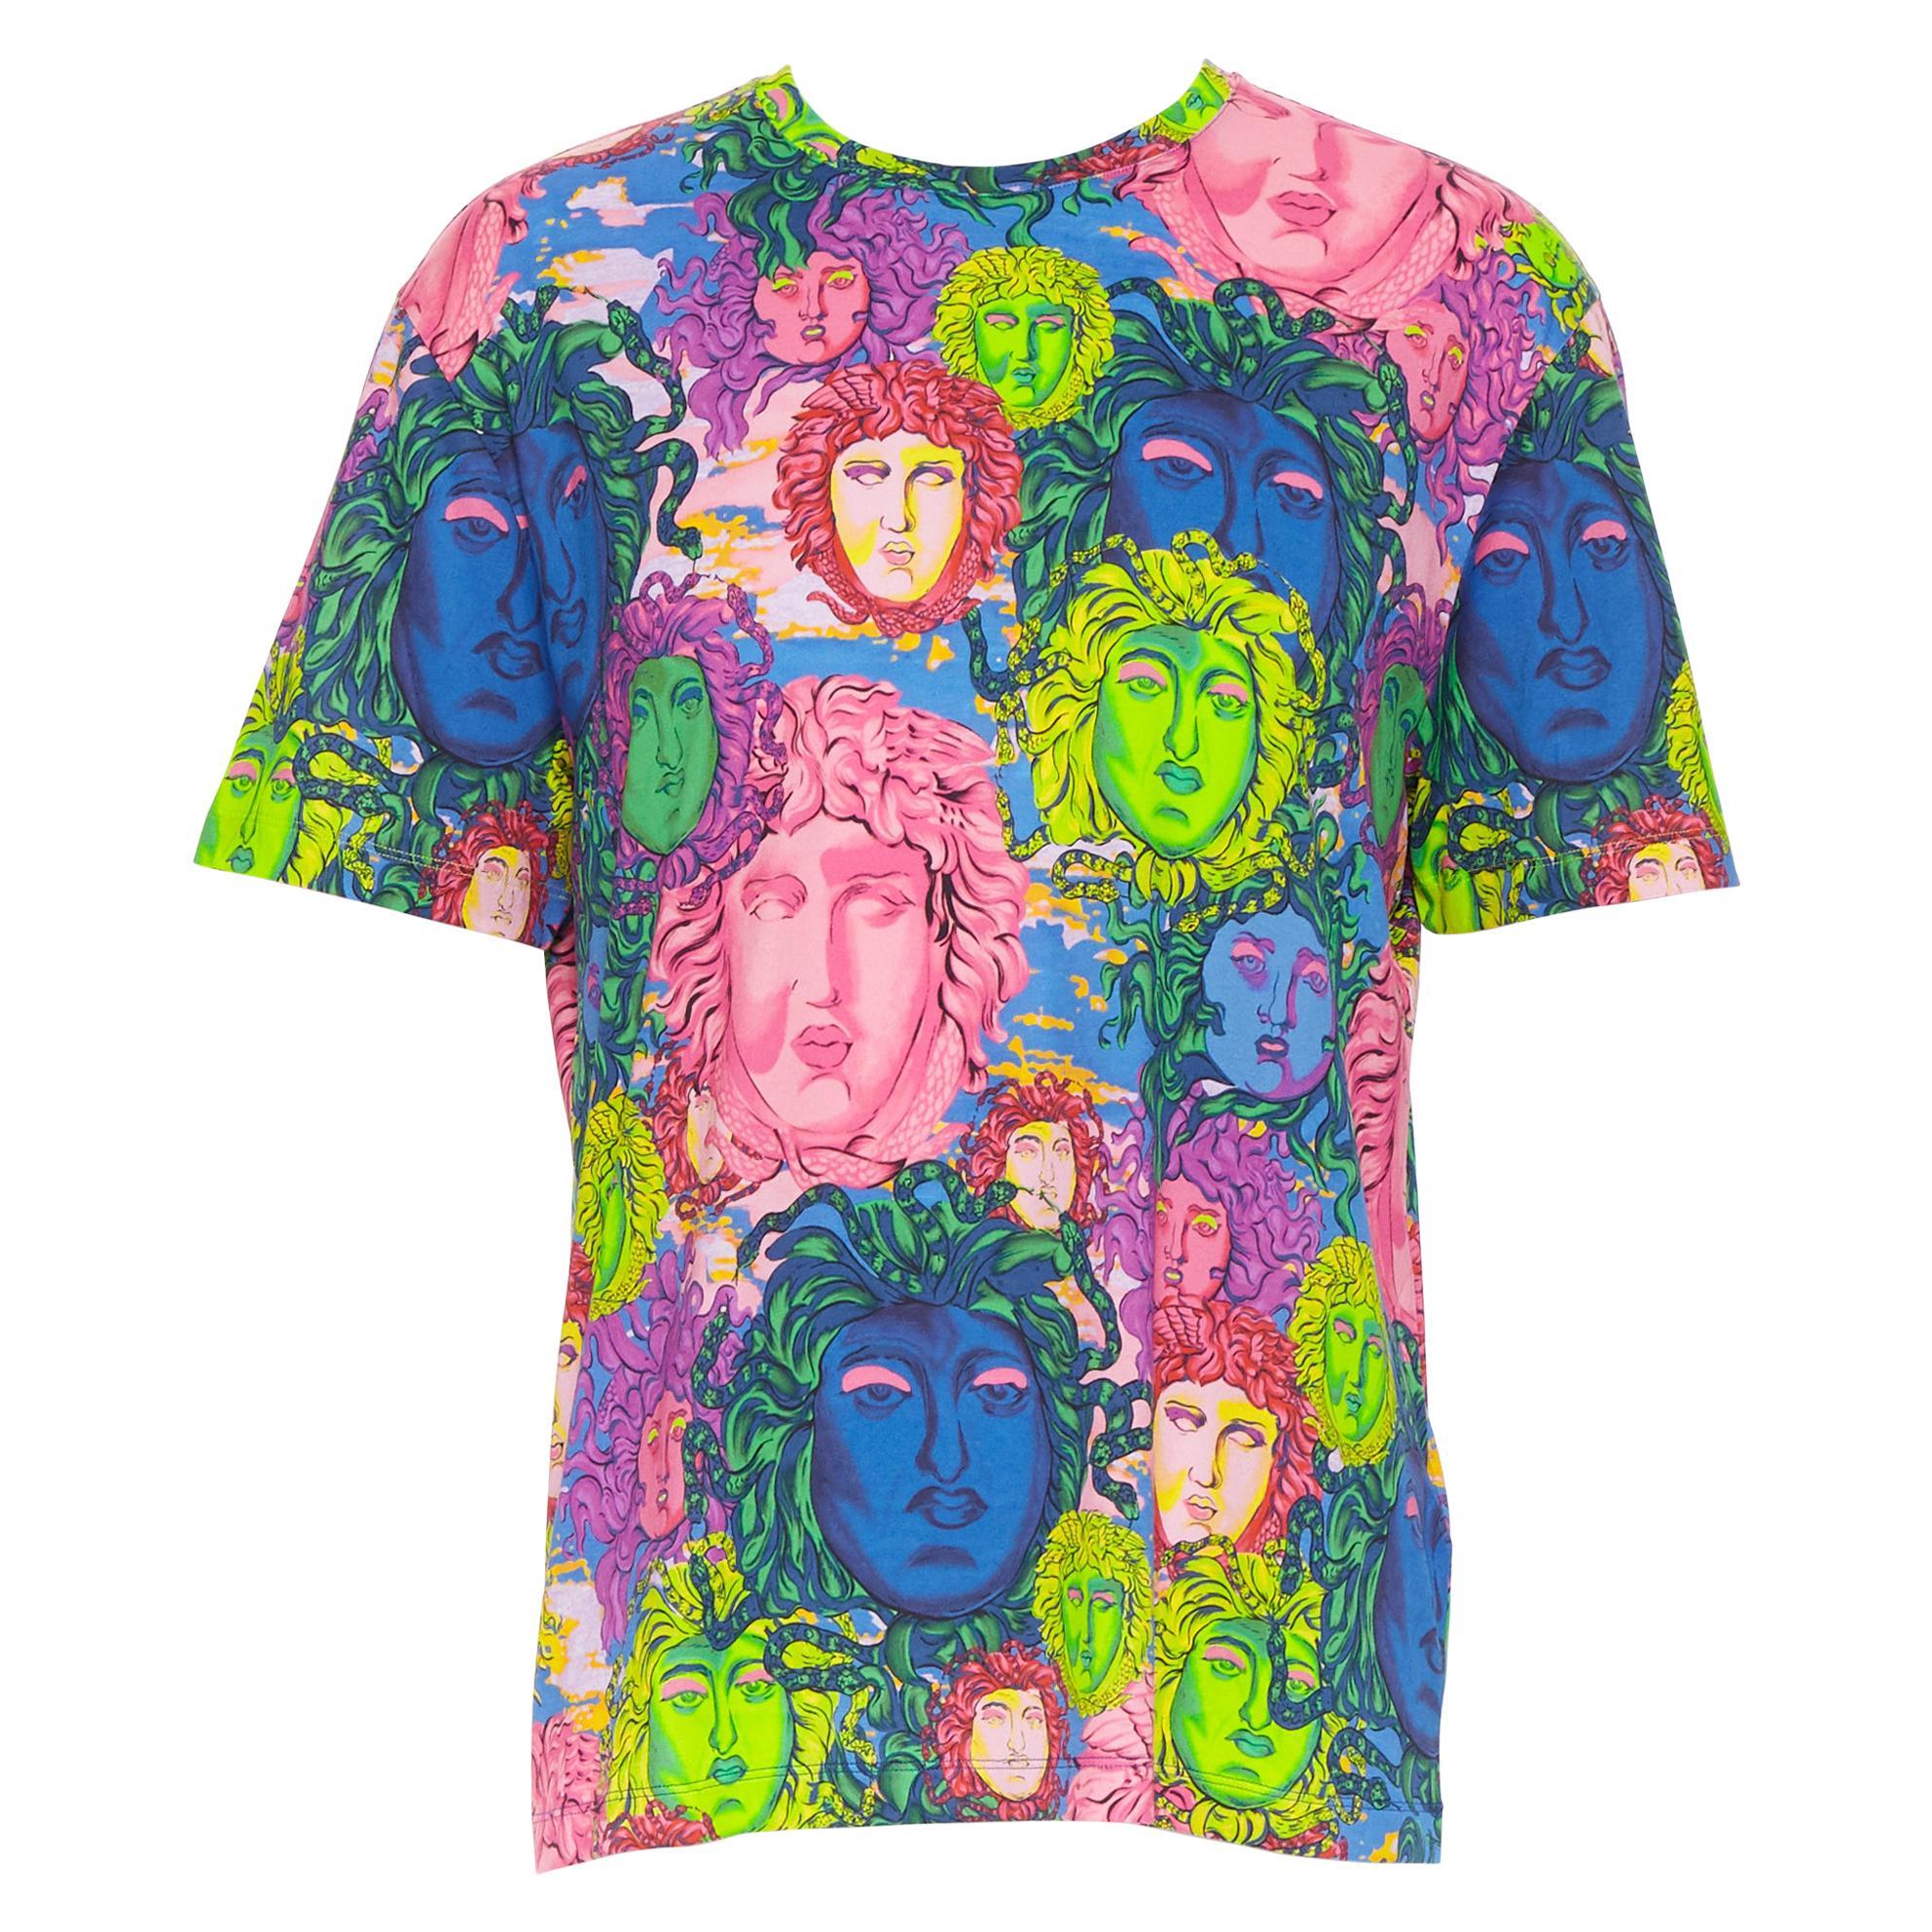 new VERSACE 2018 Pop Foulard multicolour neon Medusa all-over print t-shirt XXL